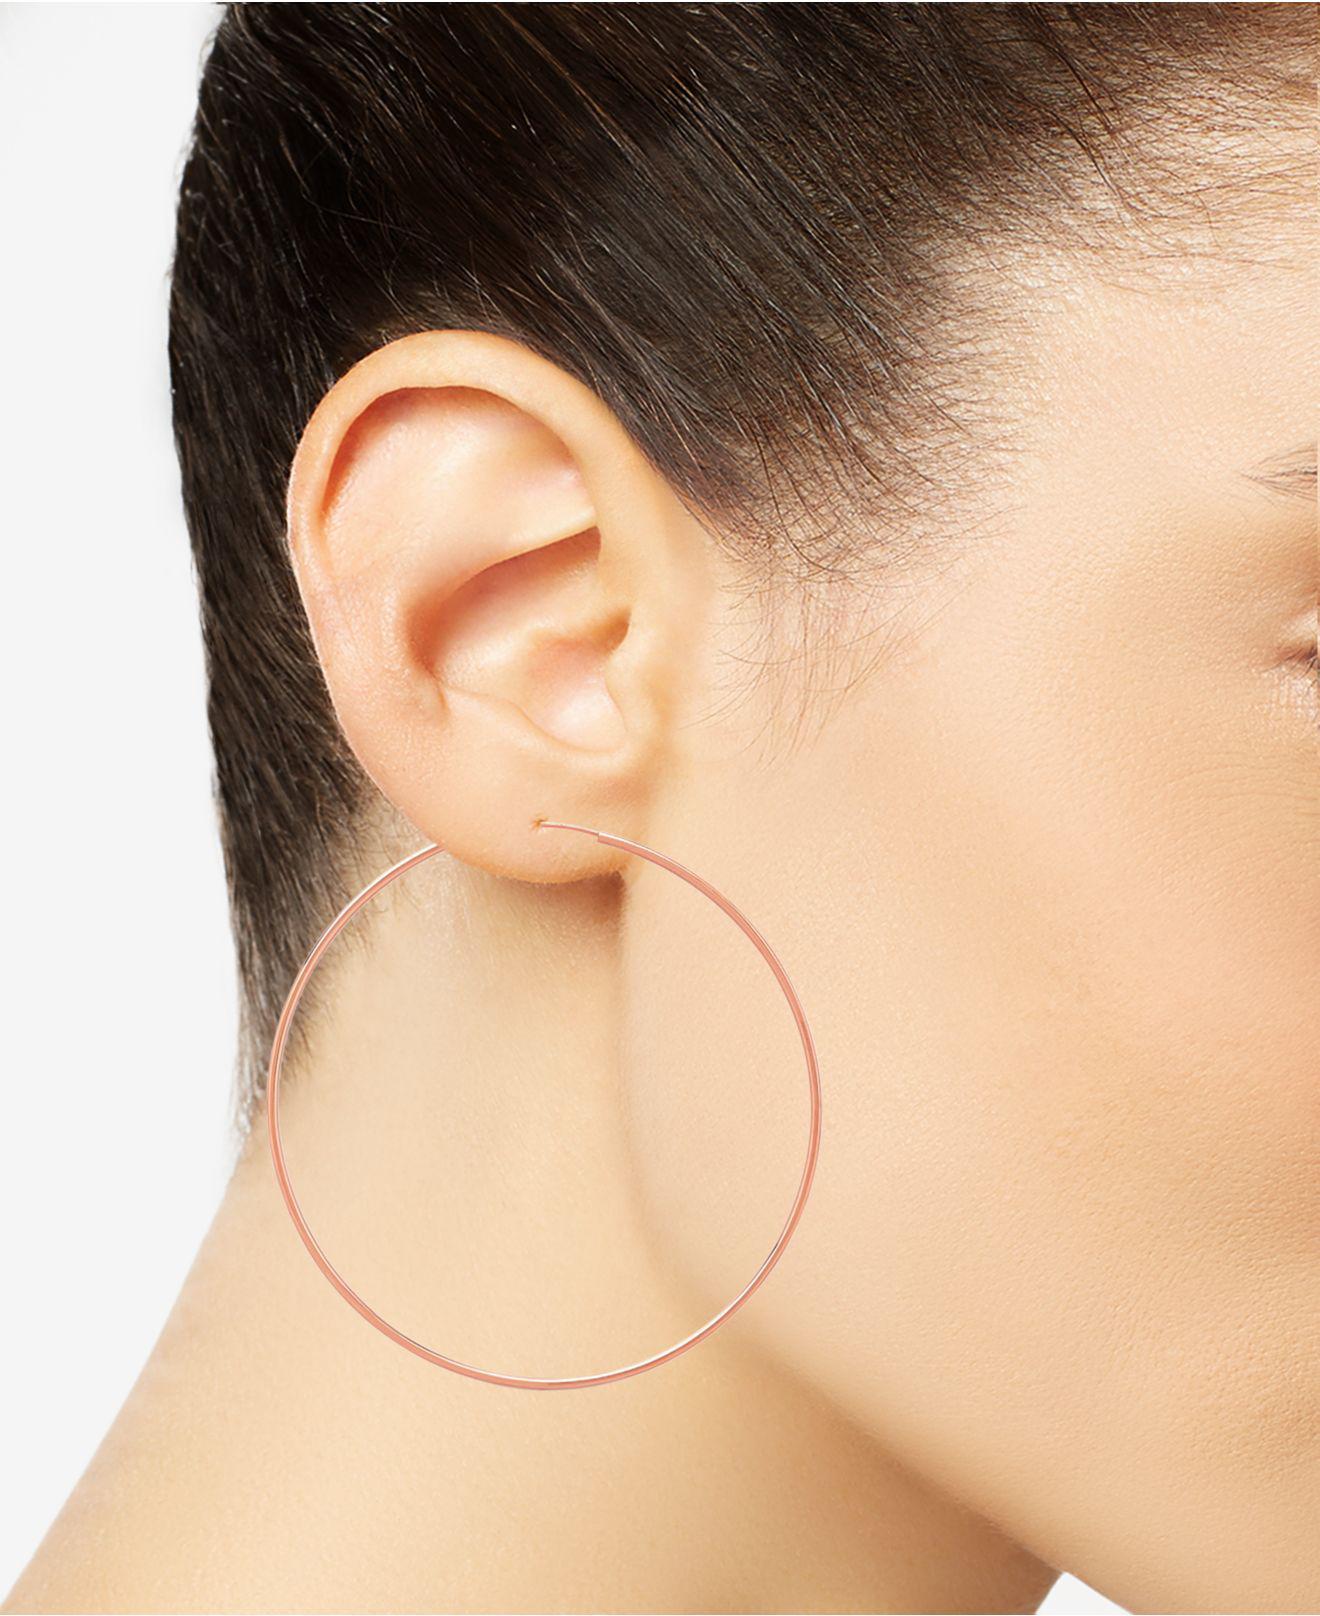 c55d1702ec000 Women's Metallic Endless Wire Hoop Earrings In 14k Rose Gold